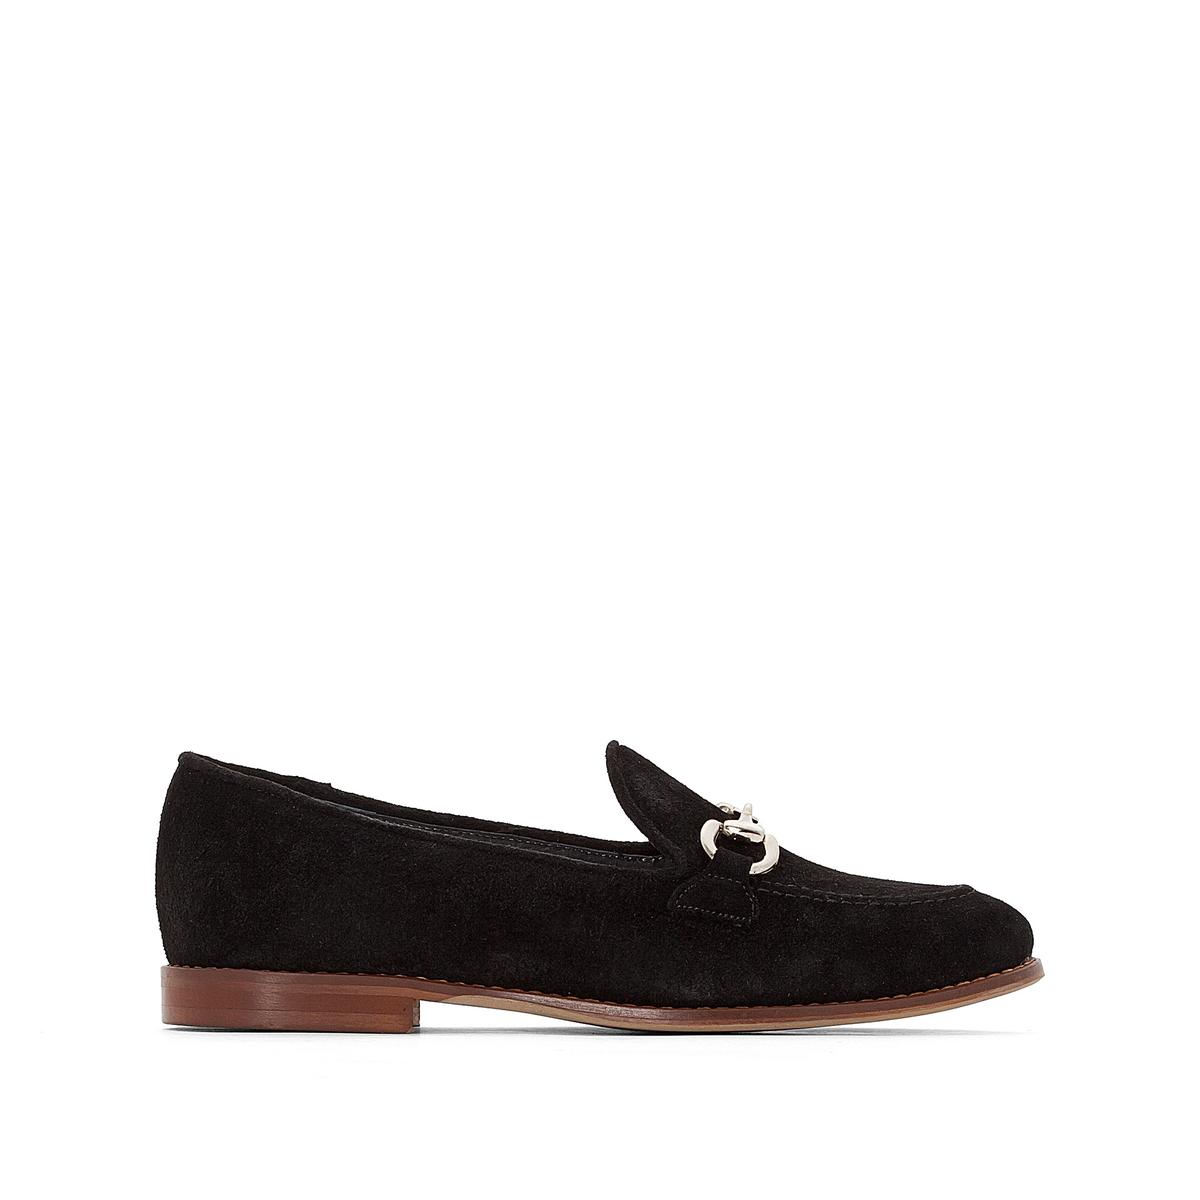 Мокасины кожаные RunyВерх : кожа   Подкладка : кожа   Стелька : кожа   Подошва : эластомер   Высота каблука : плоский   Форма каблука : плоский   Мысок : закругленный   Застежка : без застежки<br><br>Цвет: черный<br>Размер: 36